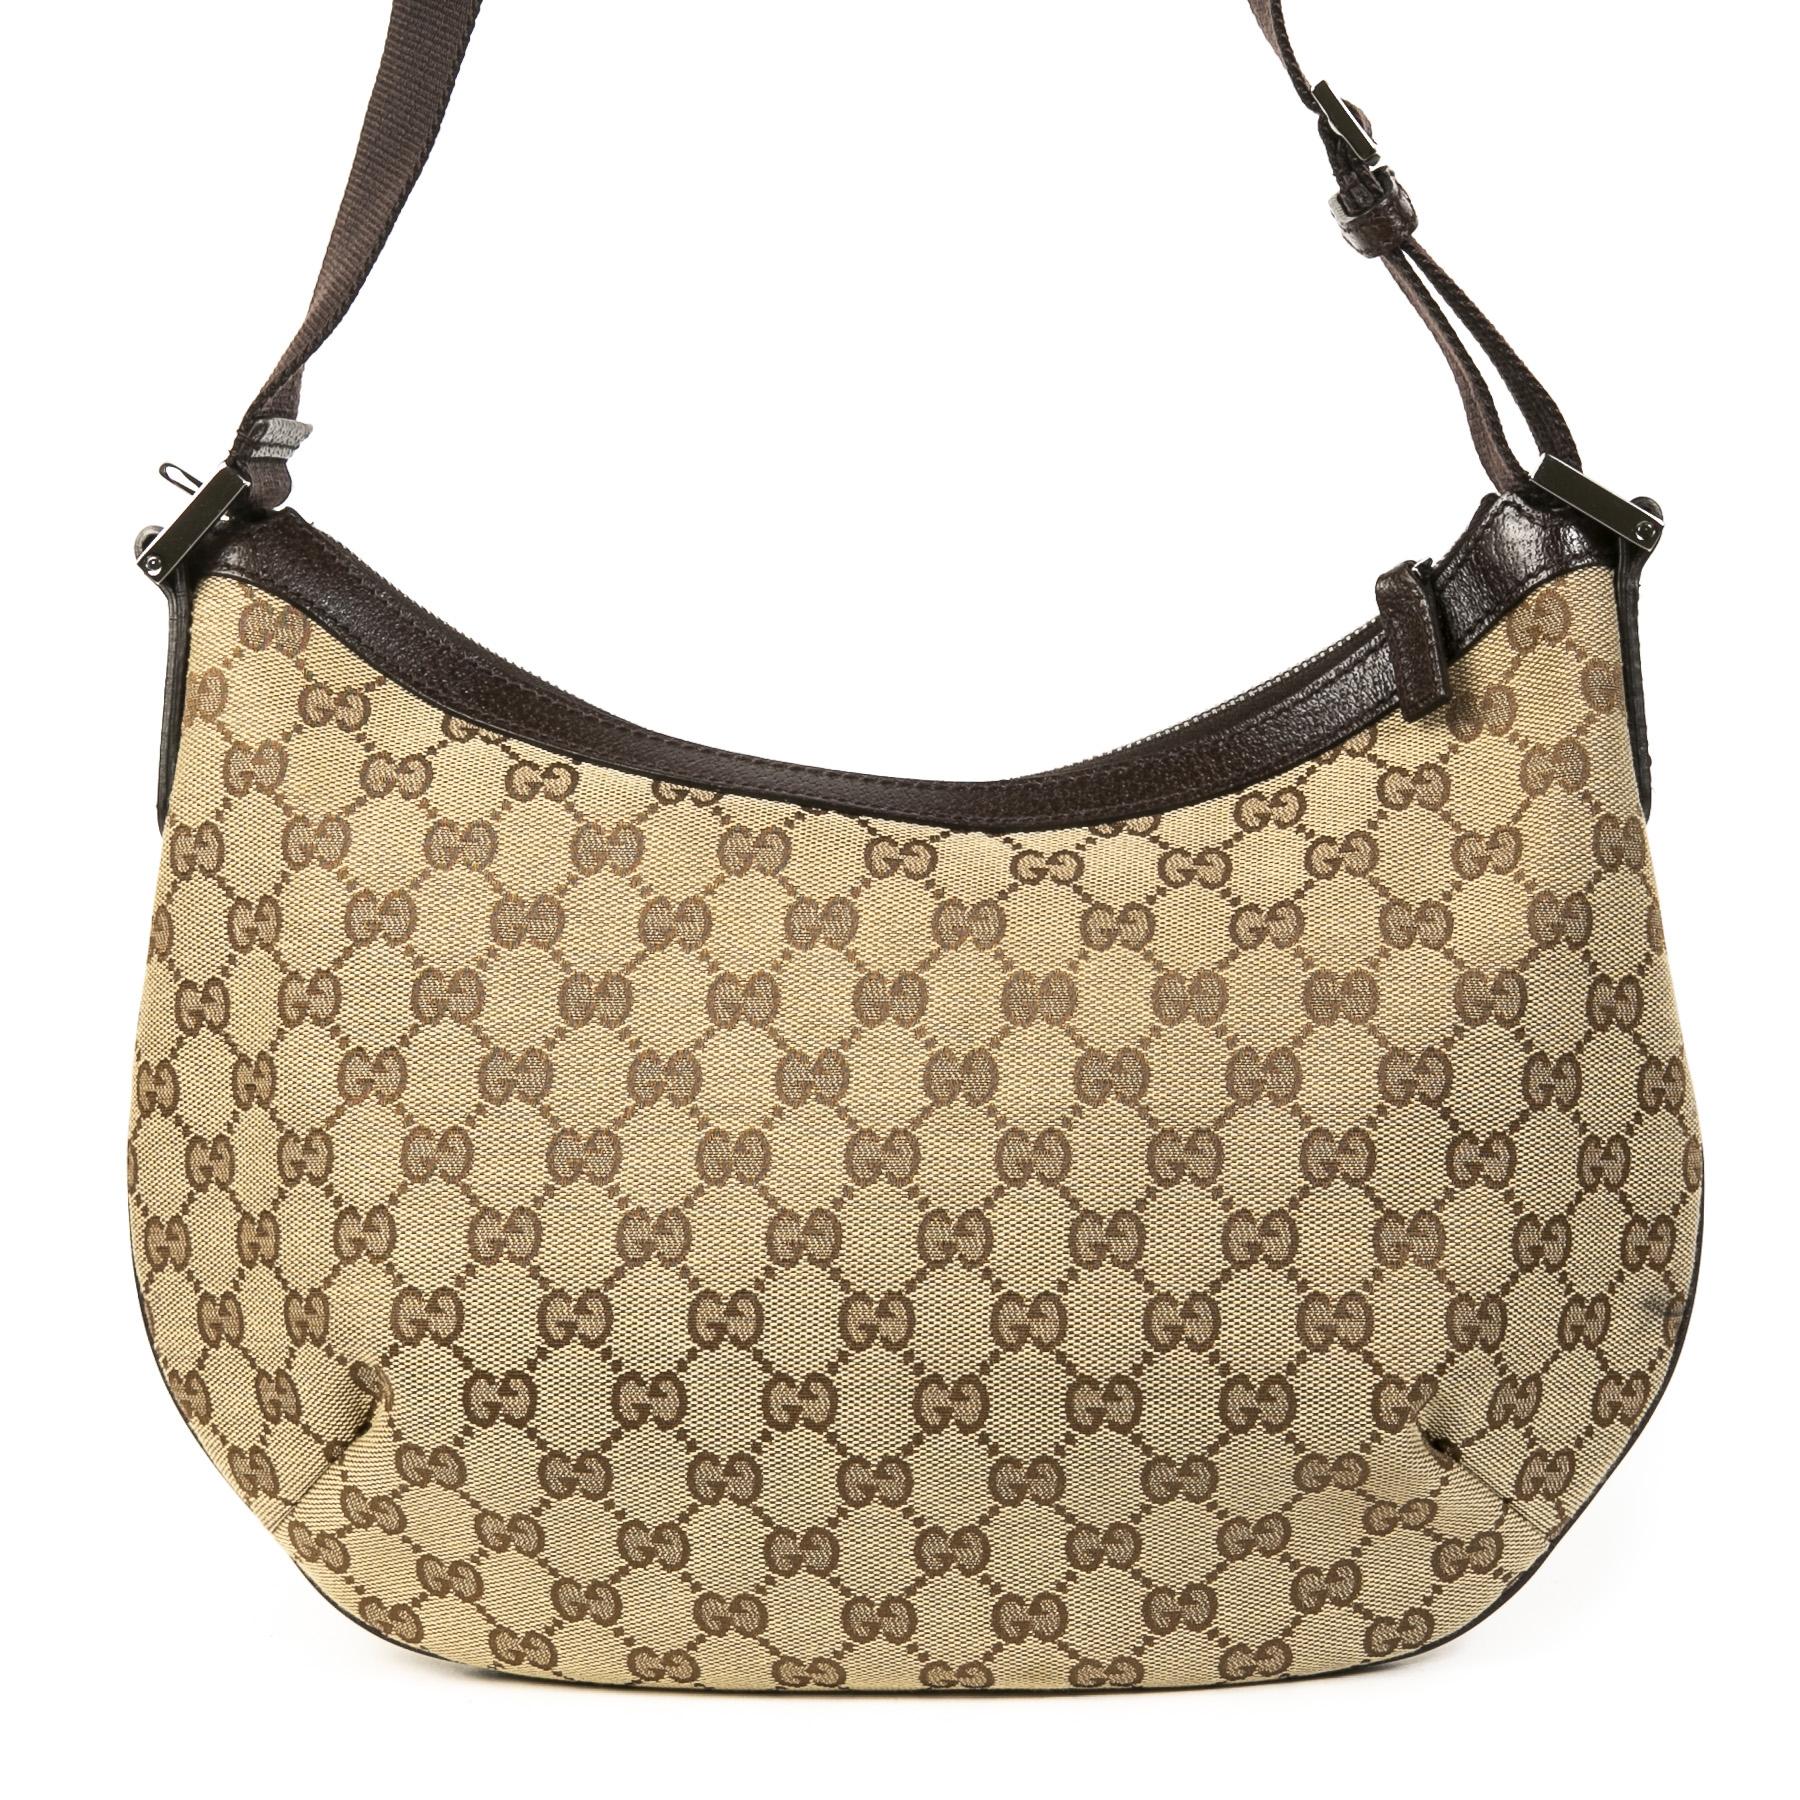 Authentieke Tweedehands Gucci Monogram Canvas Shoulder Bag juiste prijs veilig online shoppen luxe merken webshop winkelen Antwerpen België mode fashion